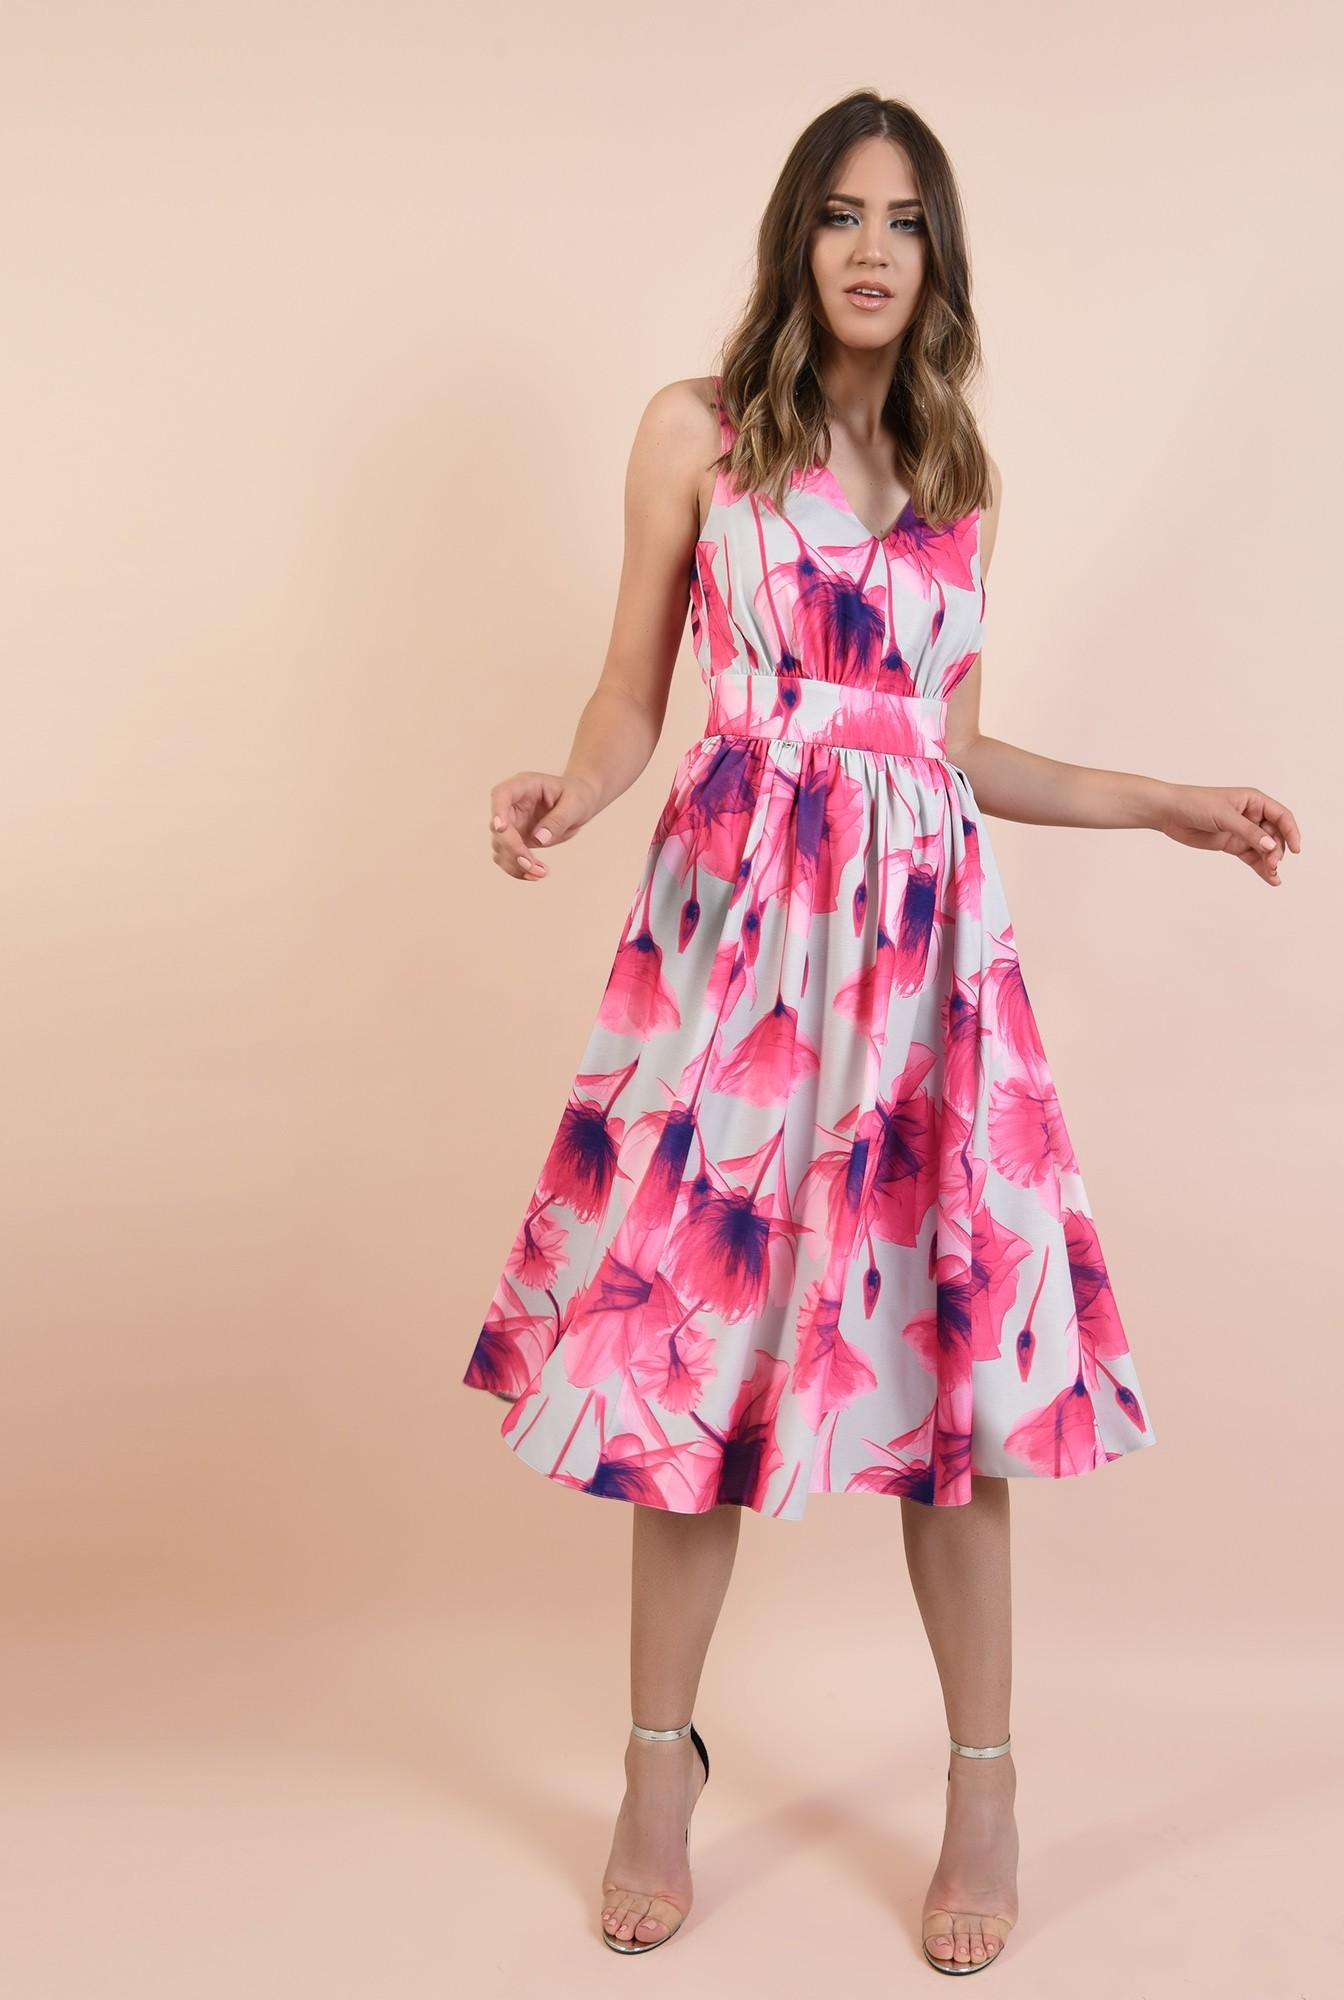 360 - rochie de ocazie, croi evazat, cu print floral, decolteu anchior